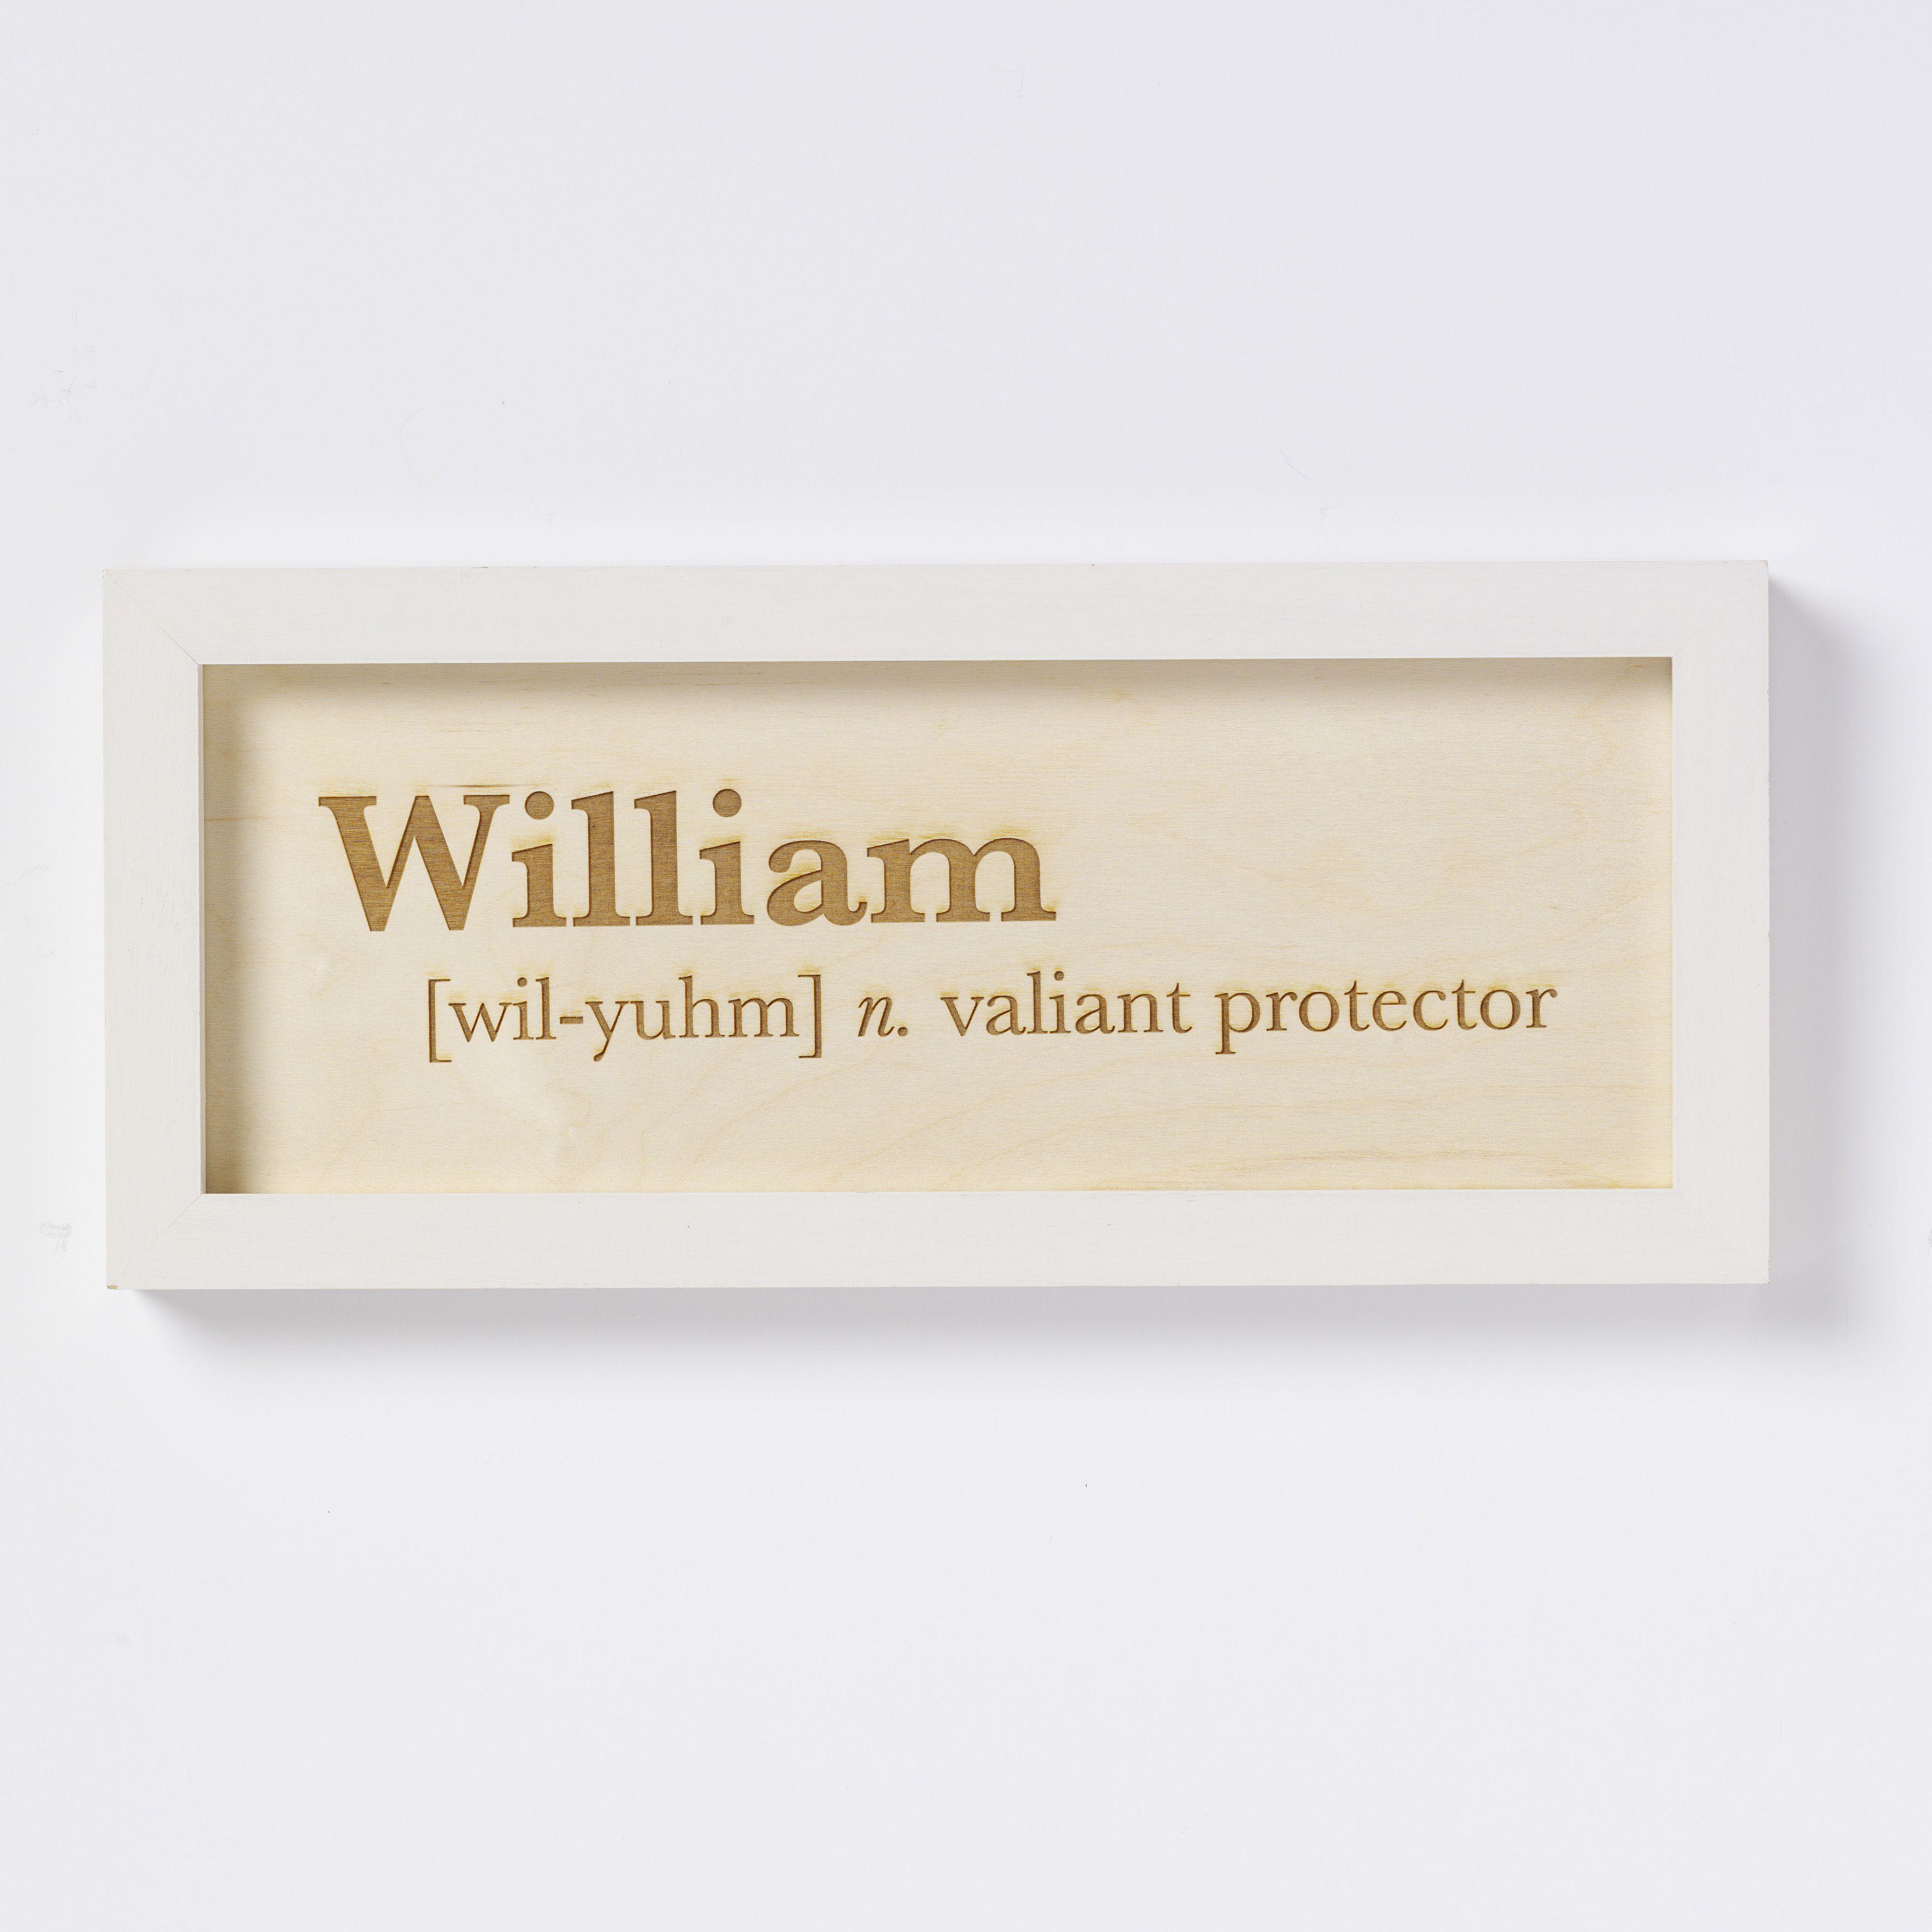 die besten 25 bedeutung des namens william ideen auf pinterest bedeutung von william beste. Black Bedroom Furniture Sets. Home Design Ideas